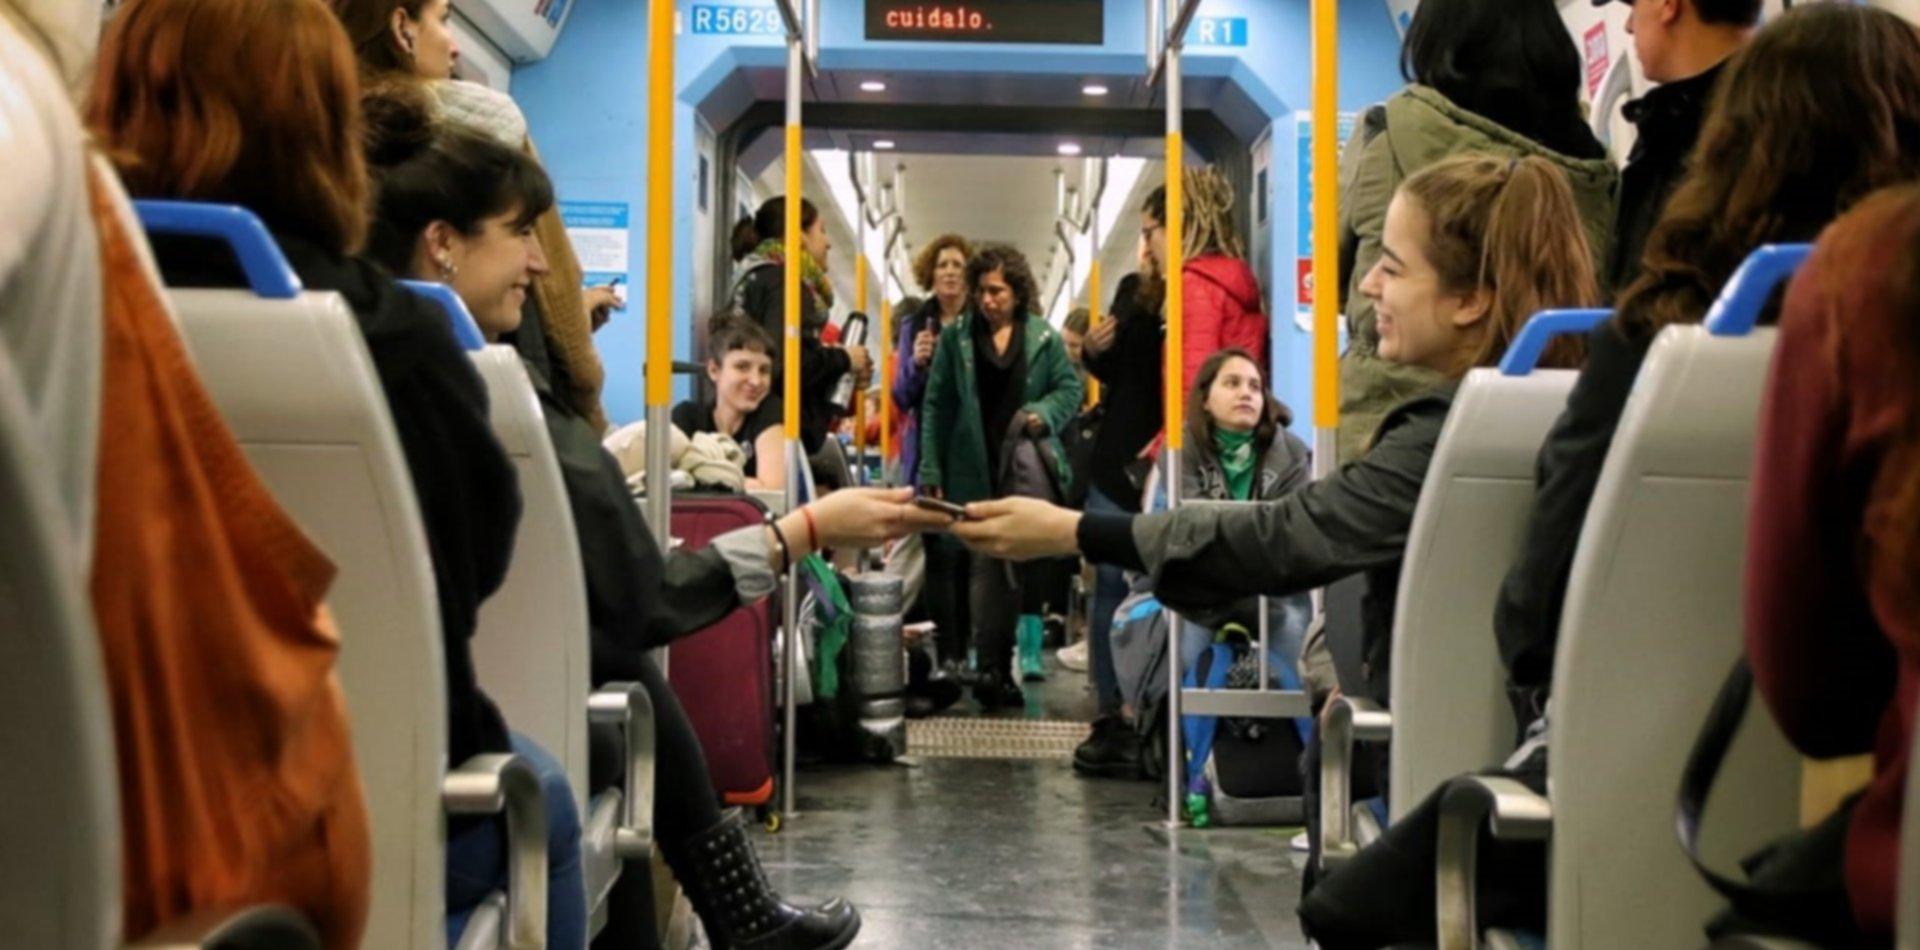 El tren Roca no llega a La Plata y complica el viaje hacia el Encuentro Feminista